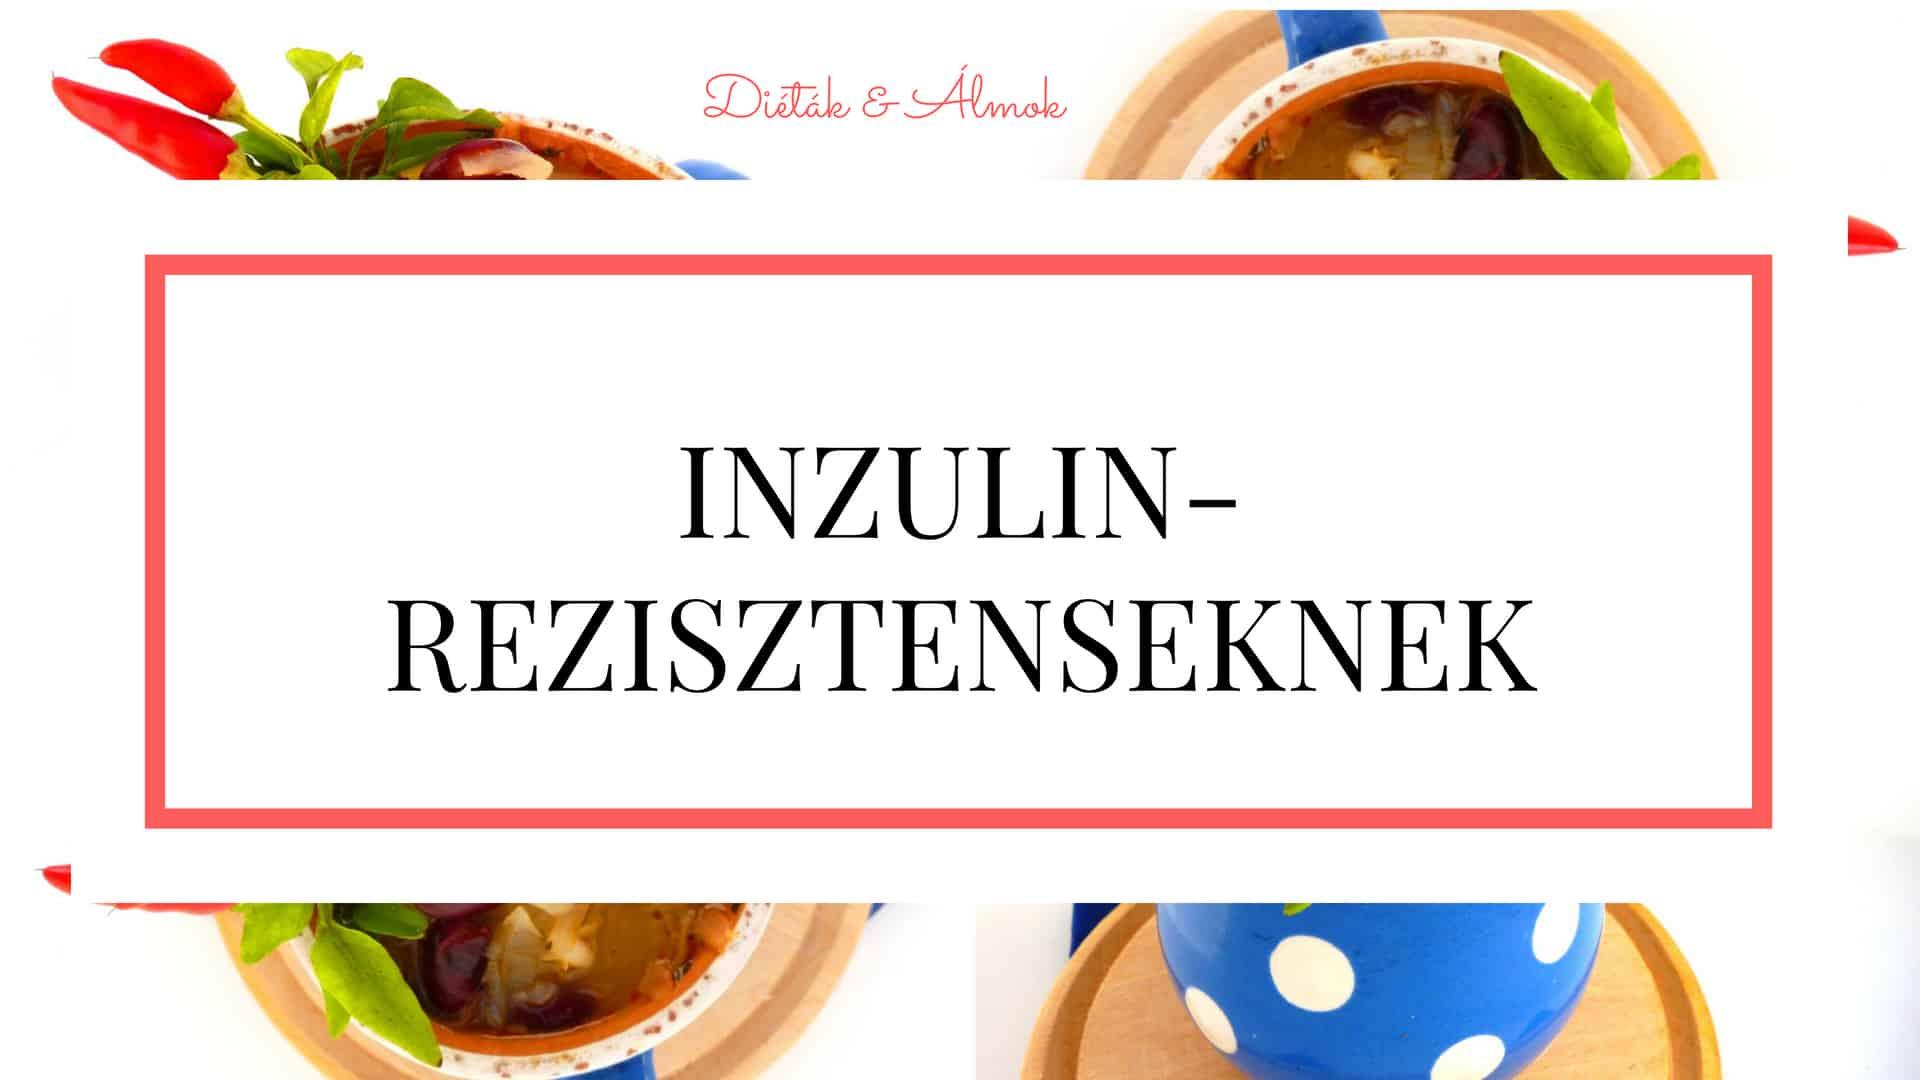 szénhidrát diéta tanfolyam inzulin-rezisztenseknek IR inzulinrezisztencia